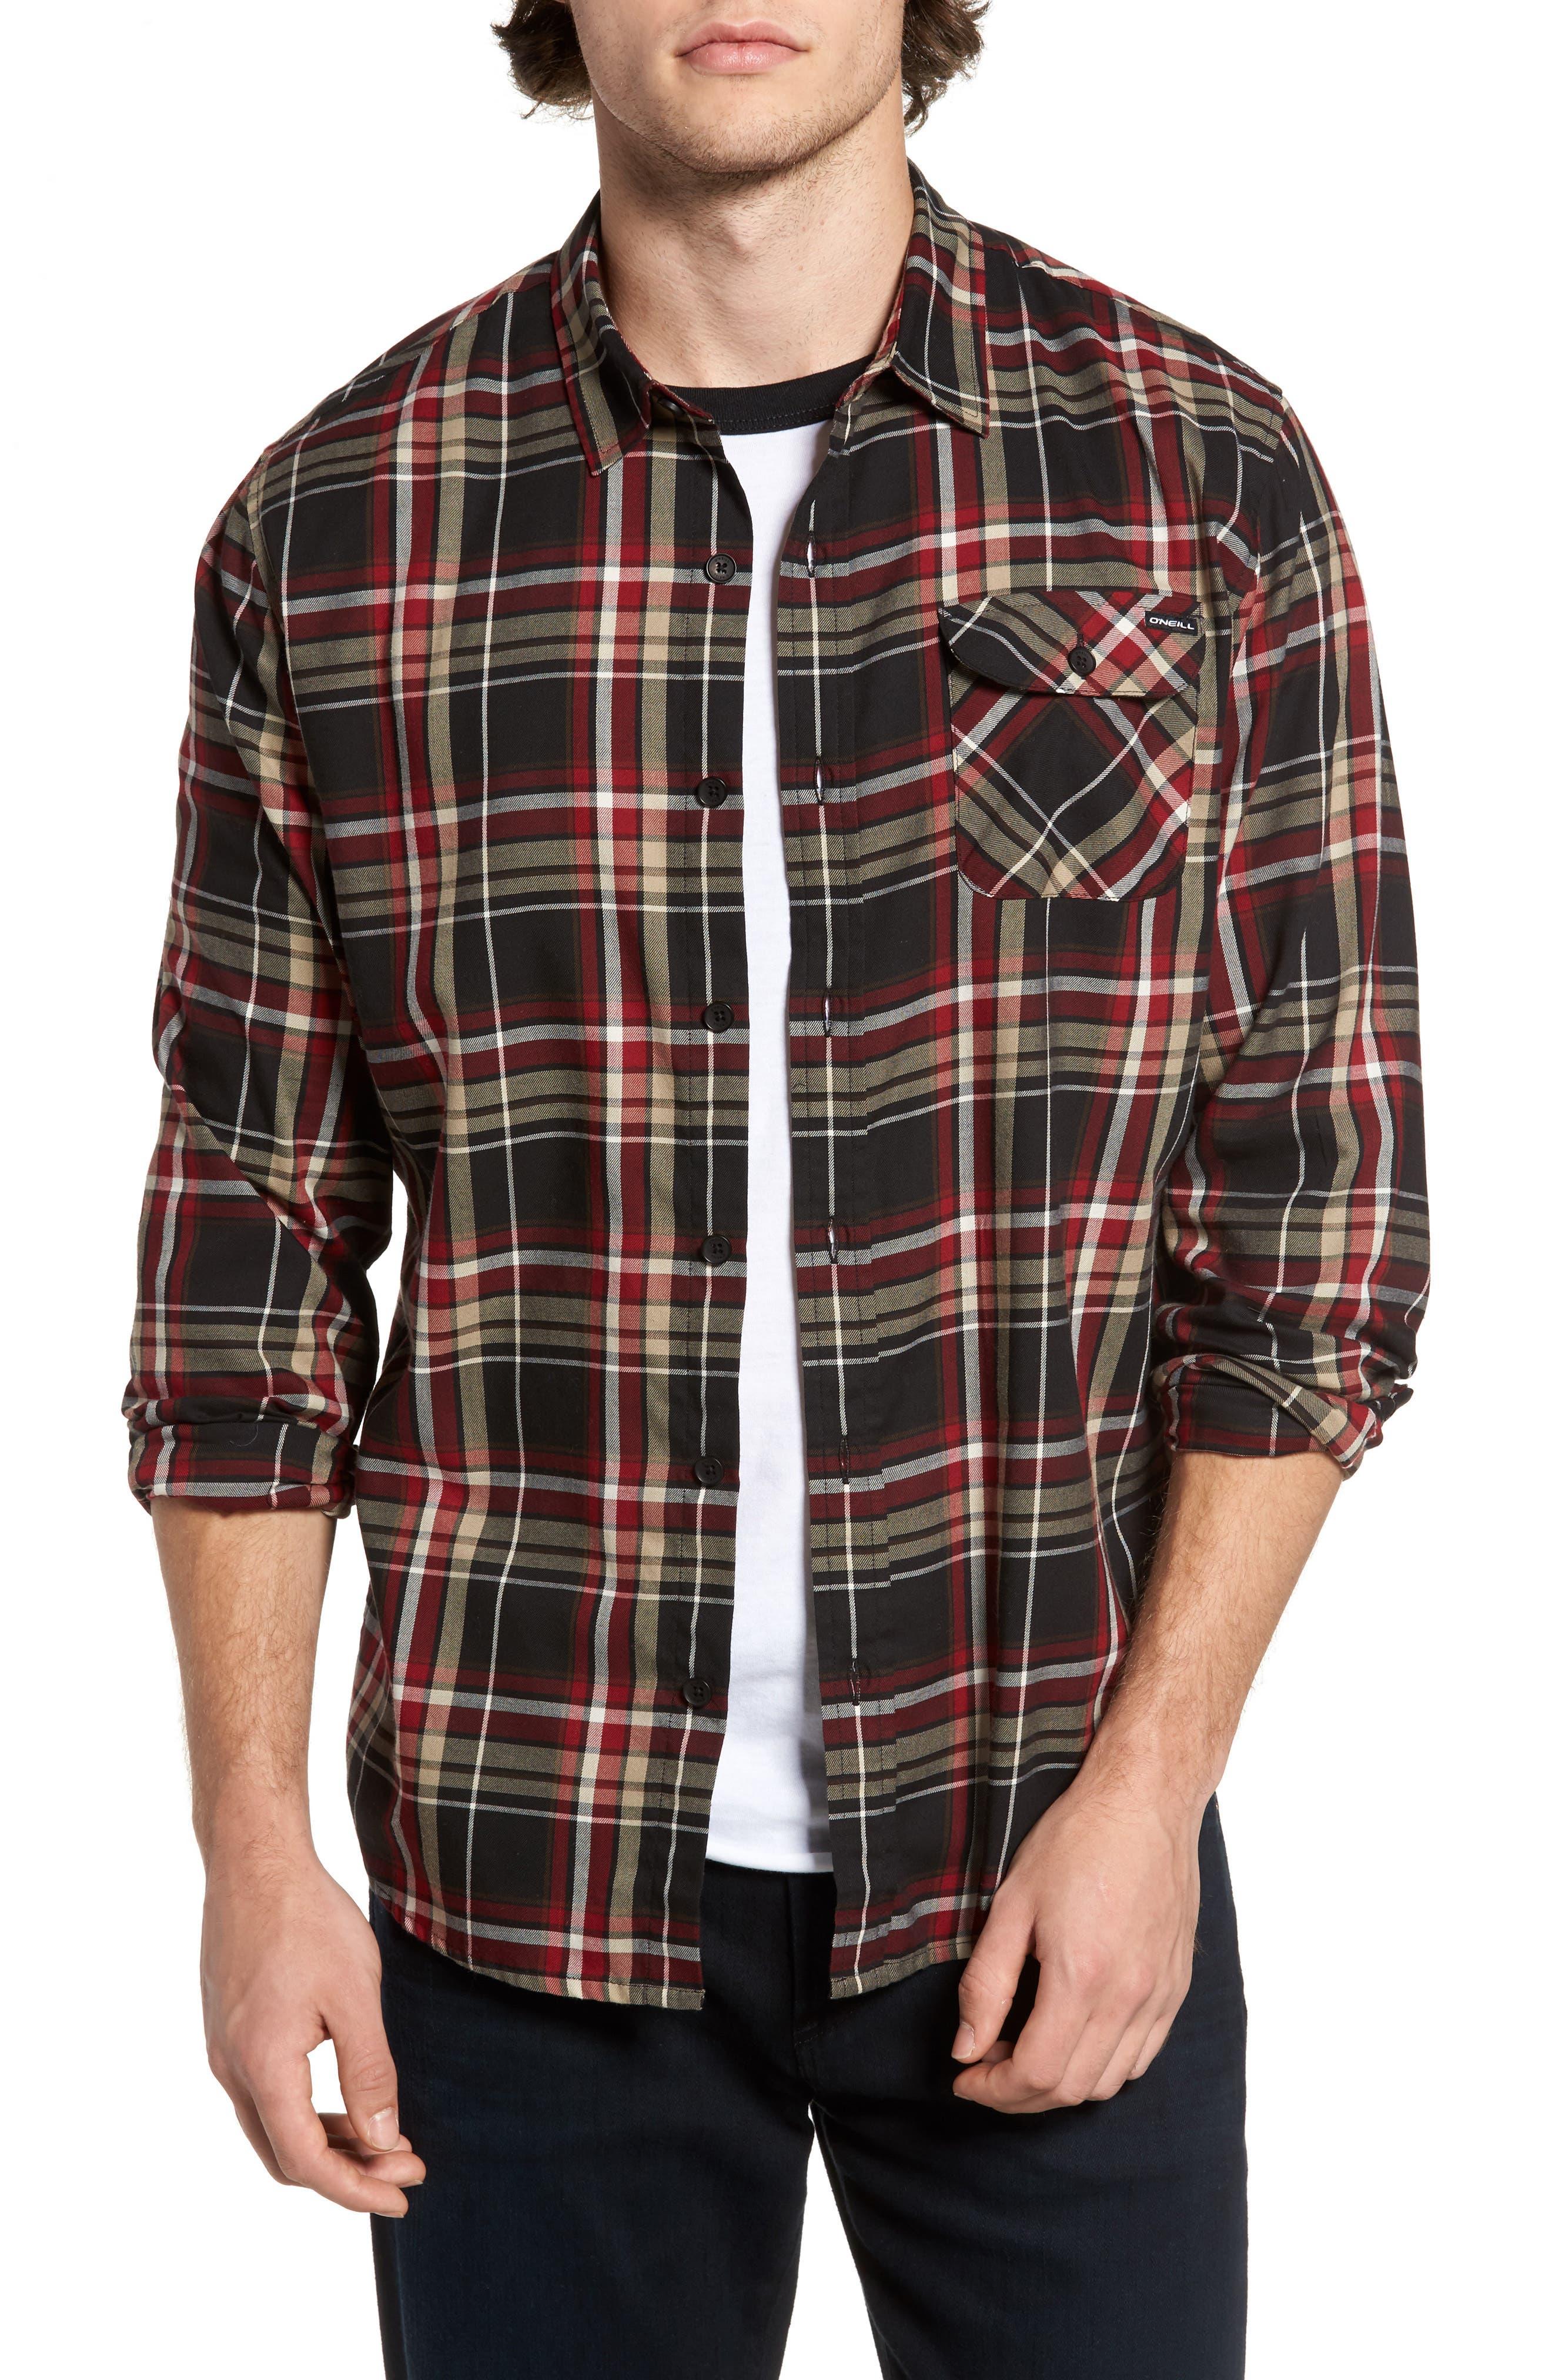 O'Neill Olson Plaid Twill Shirt